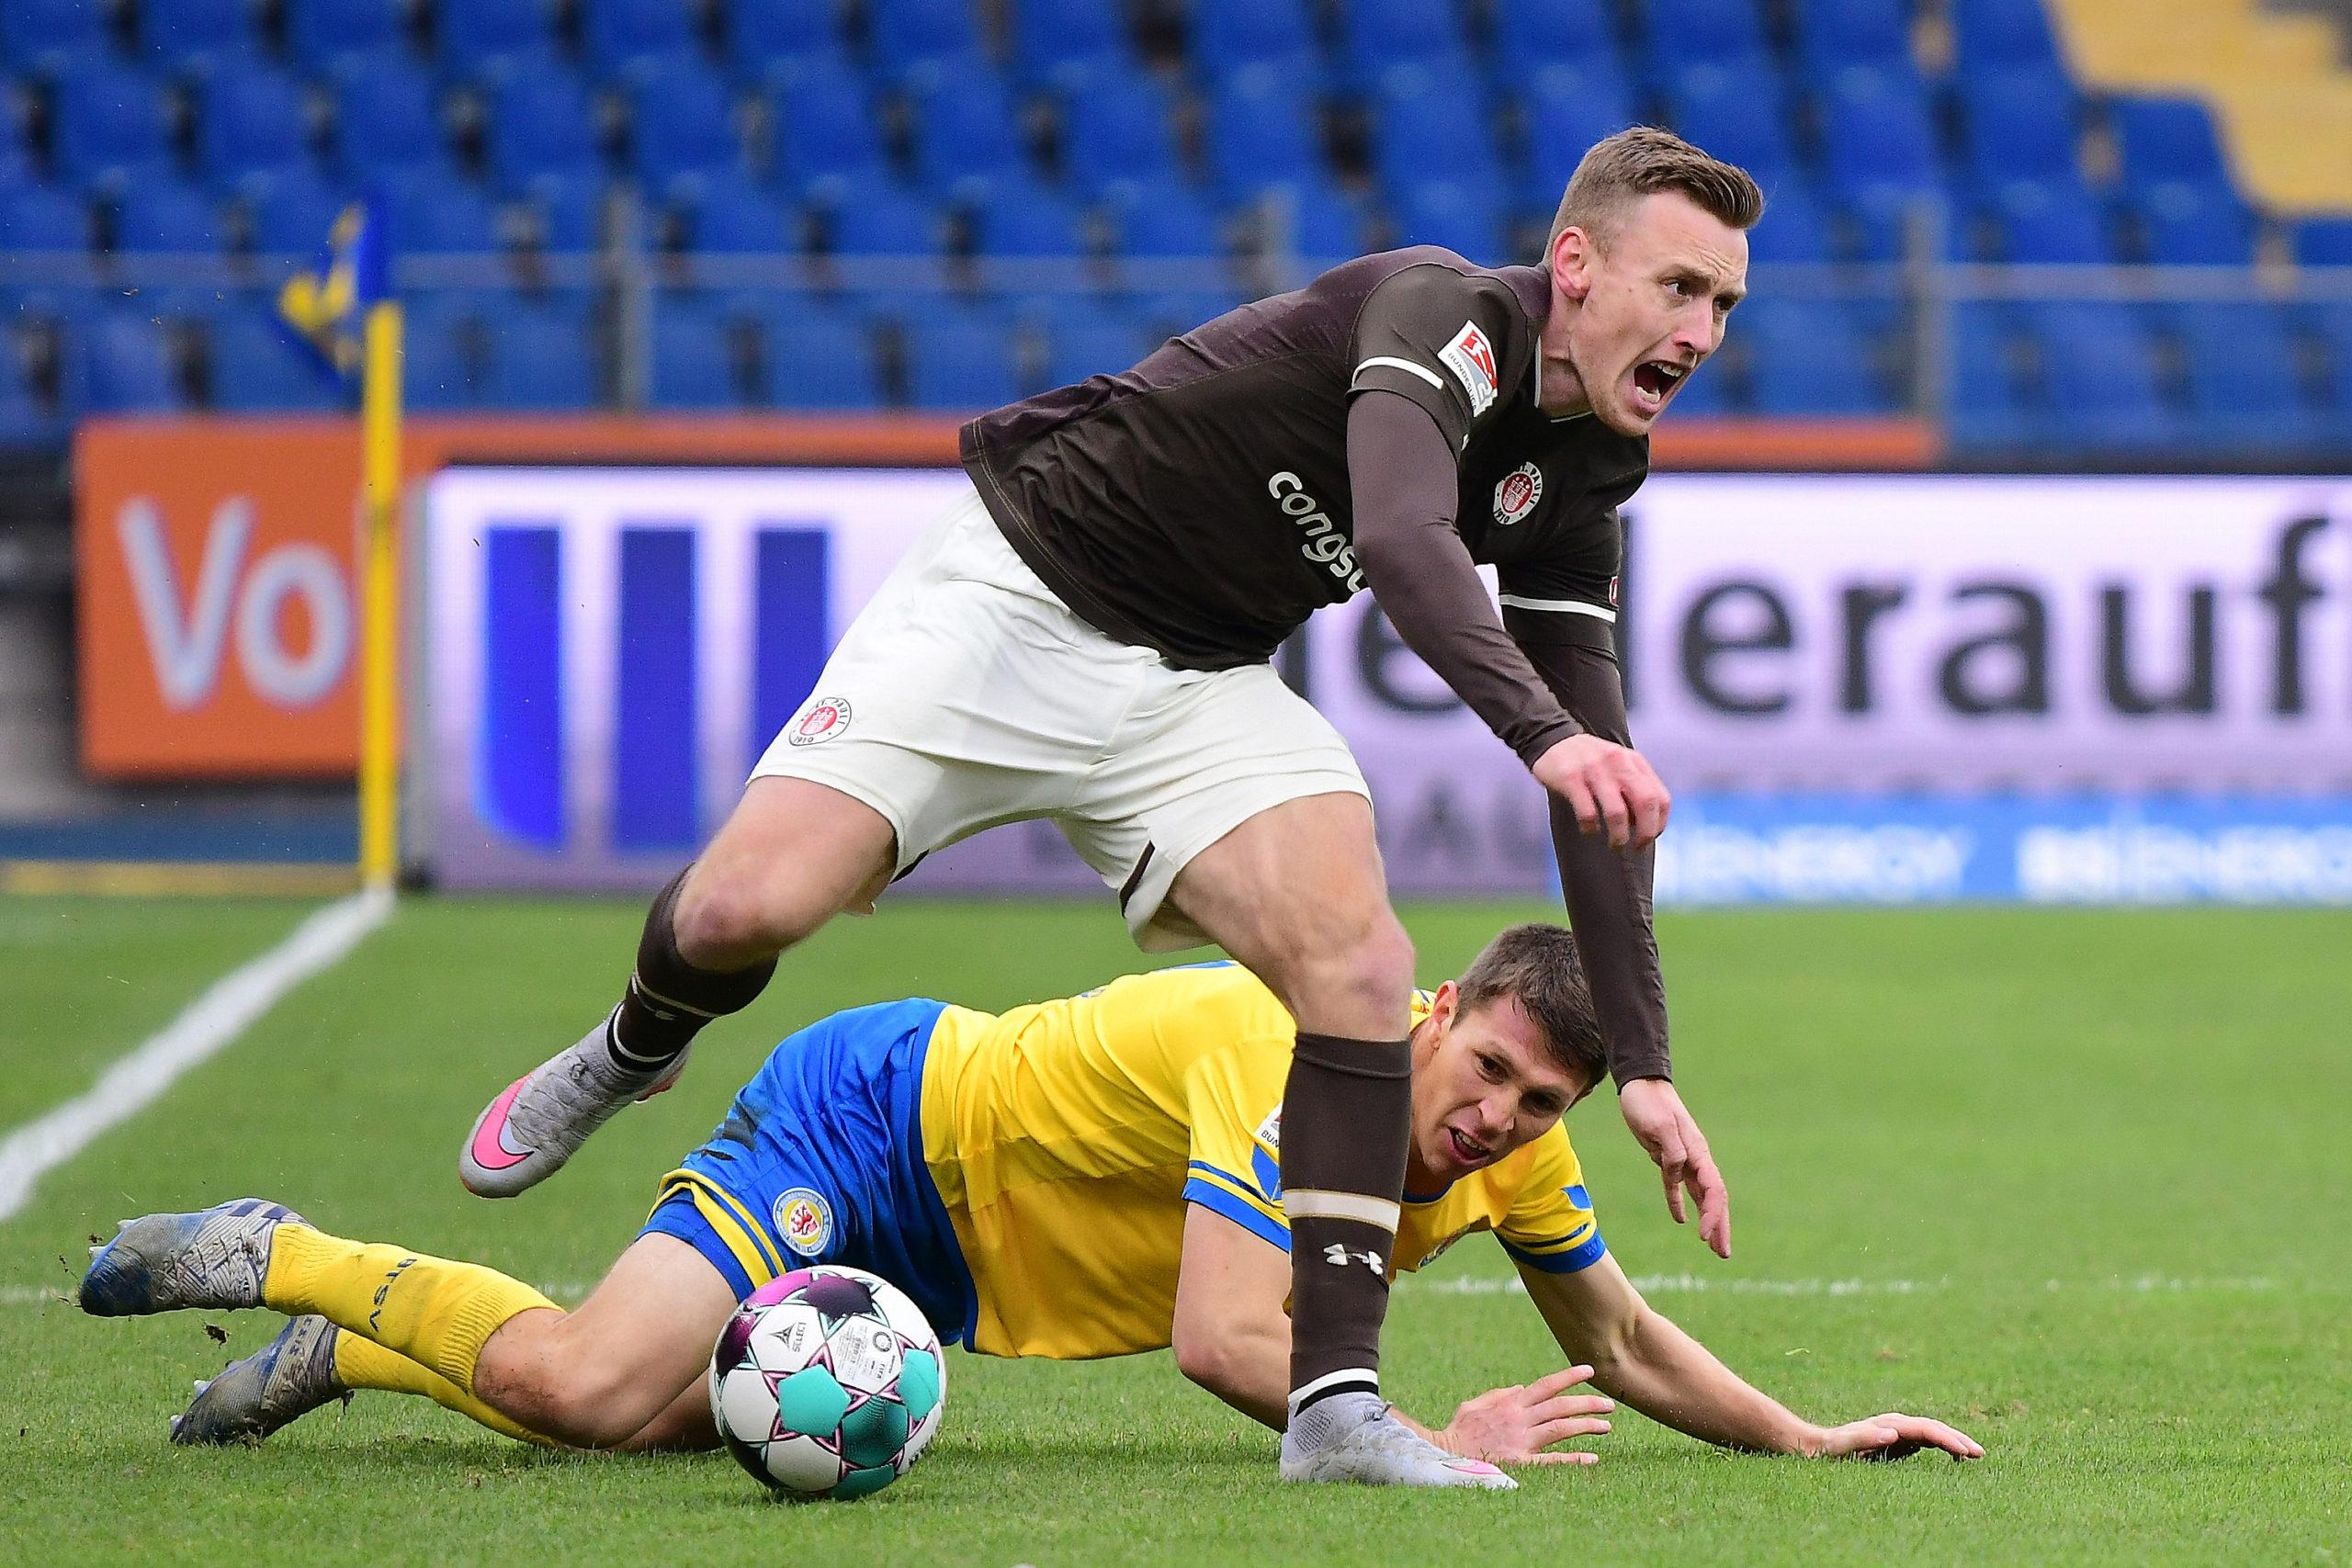 Nach dem Spiel – Eintracht Braunschweig (A) – Spieltag 10